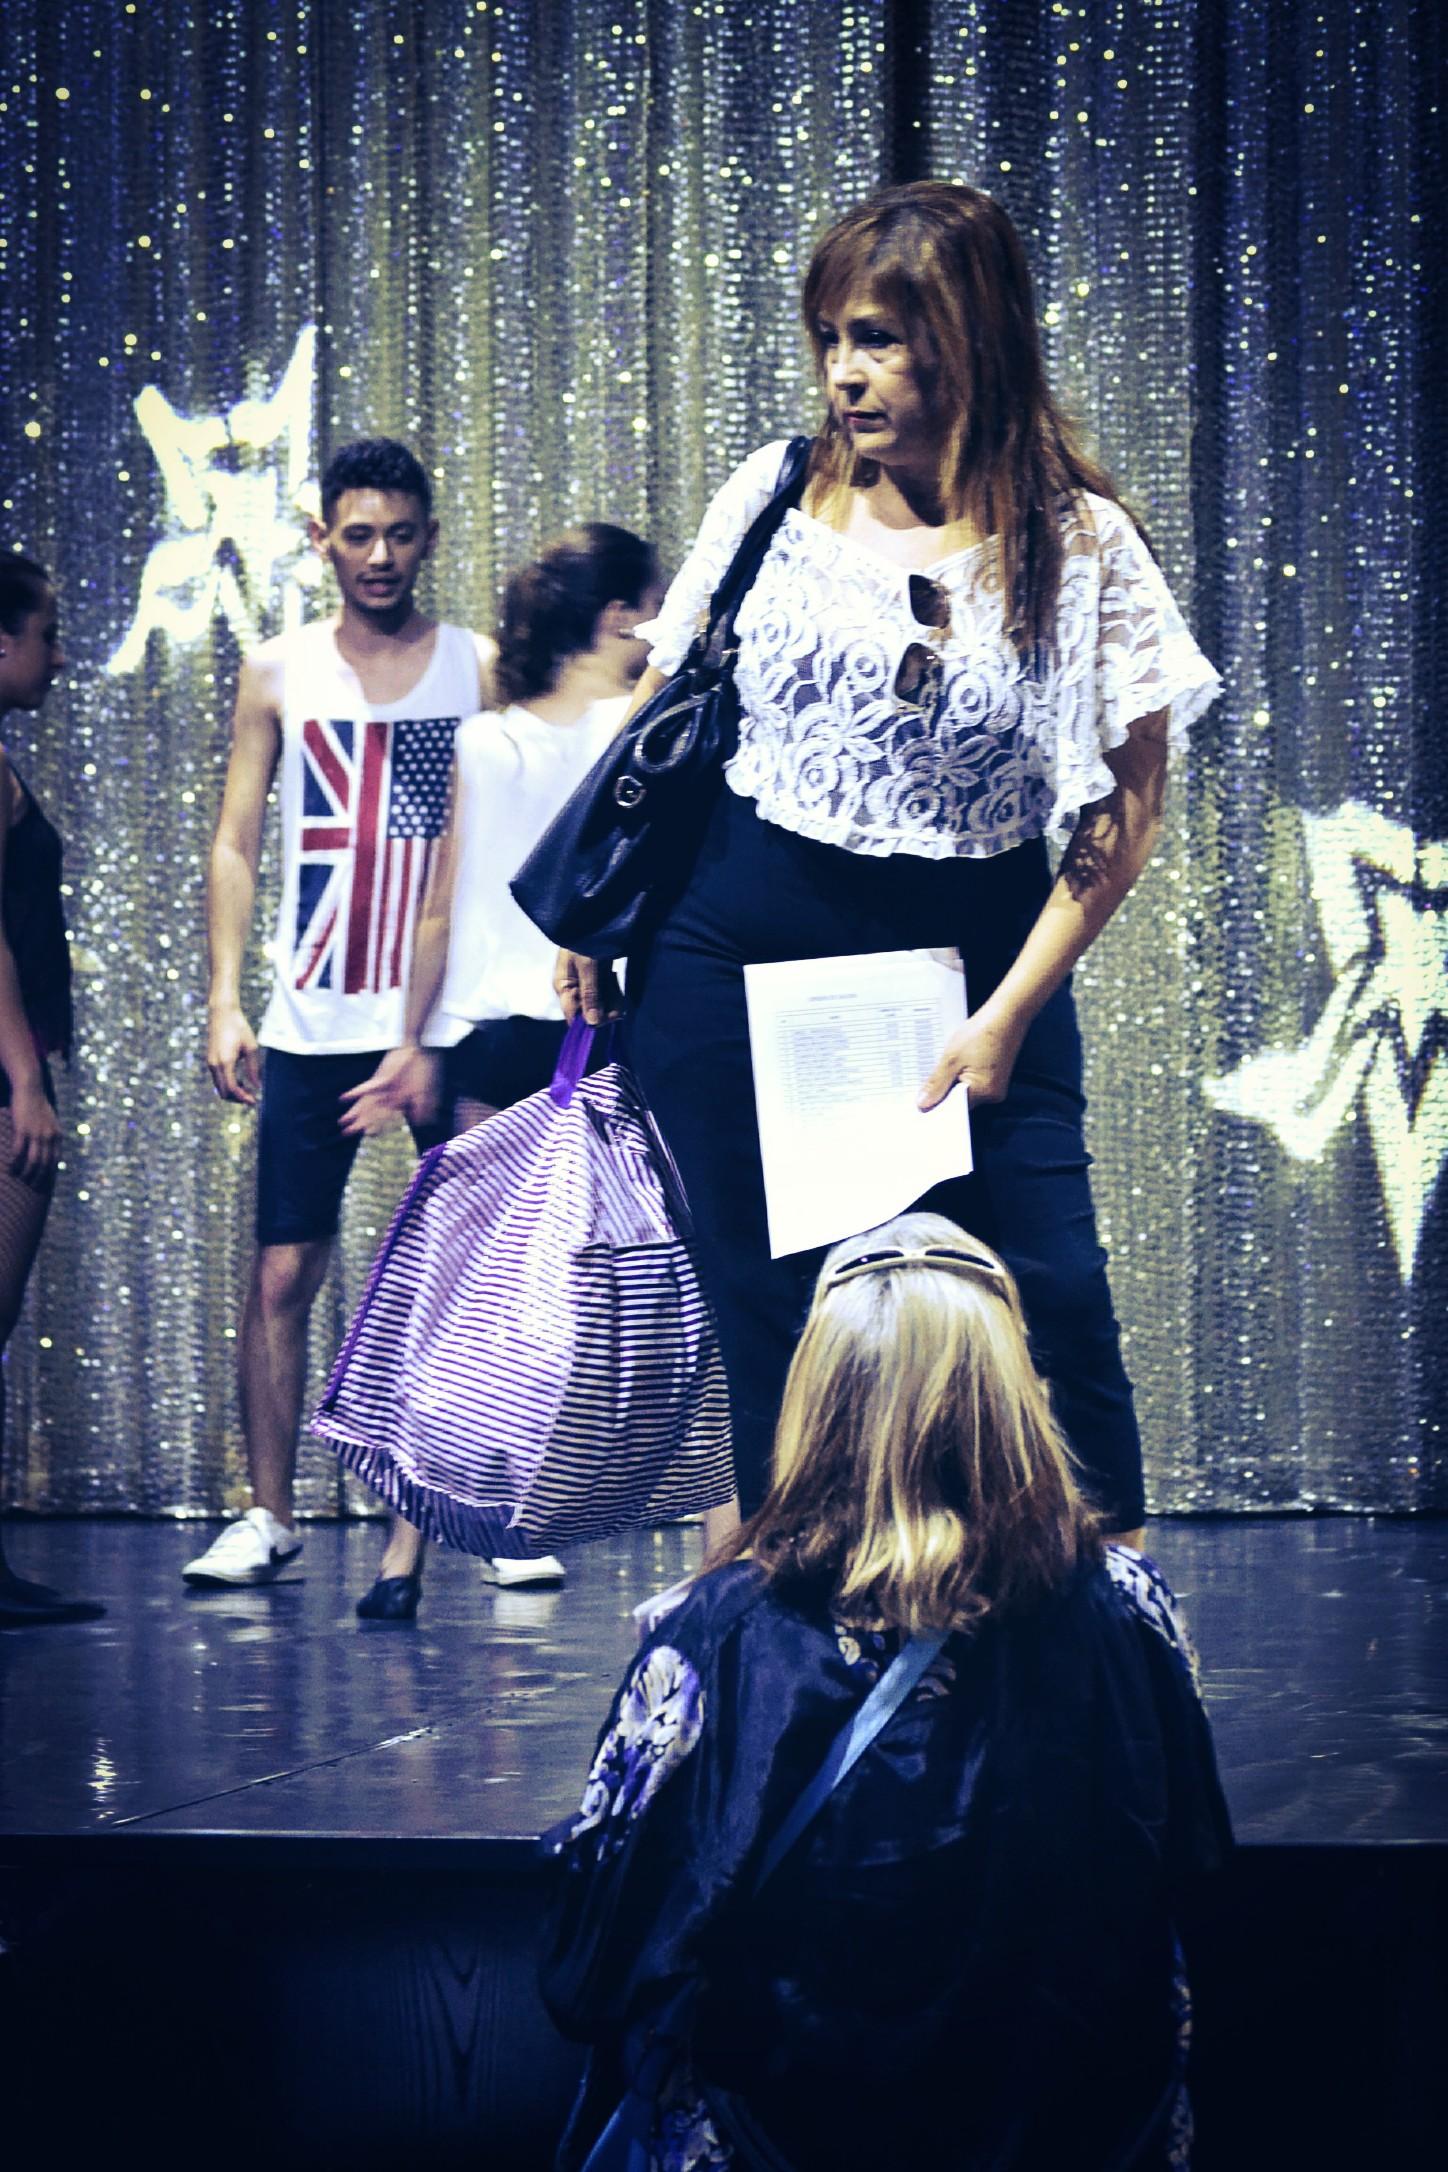 Linea-de-Baile-festival-verano-2015-clases-de-baile-valencia-5